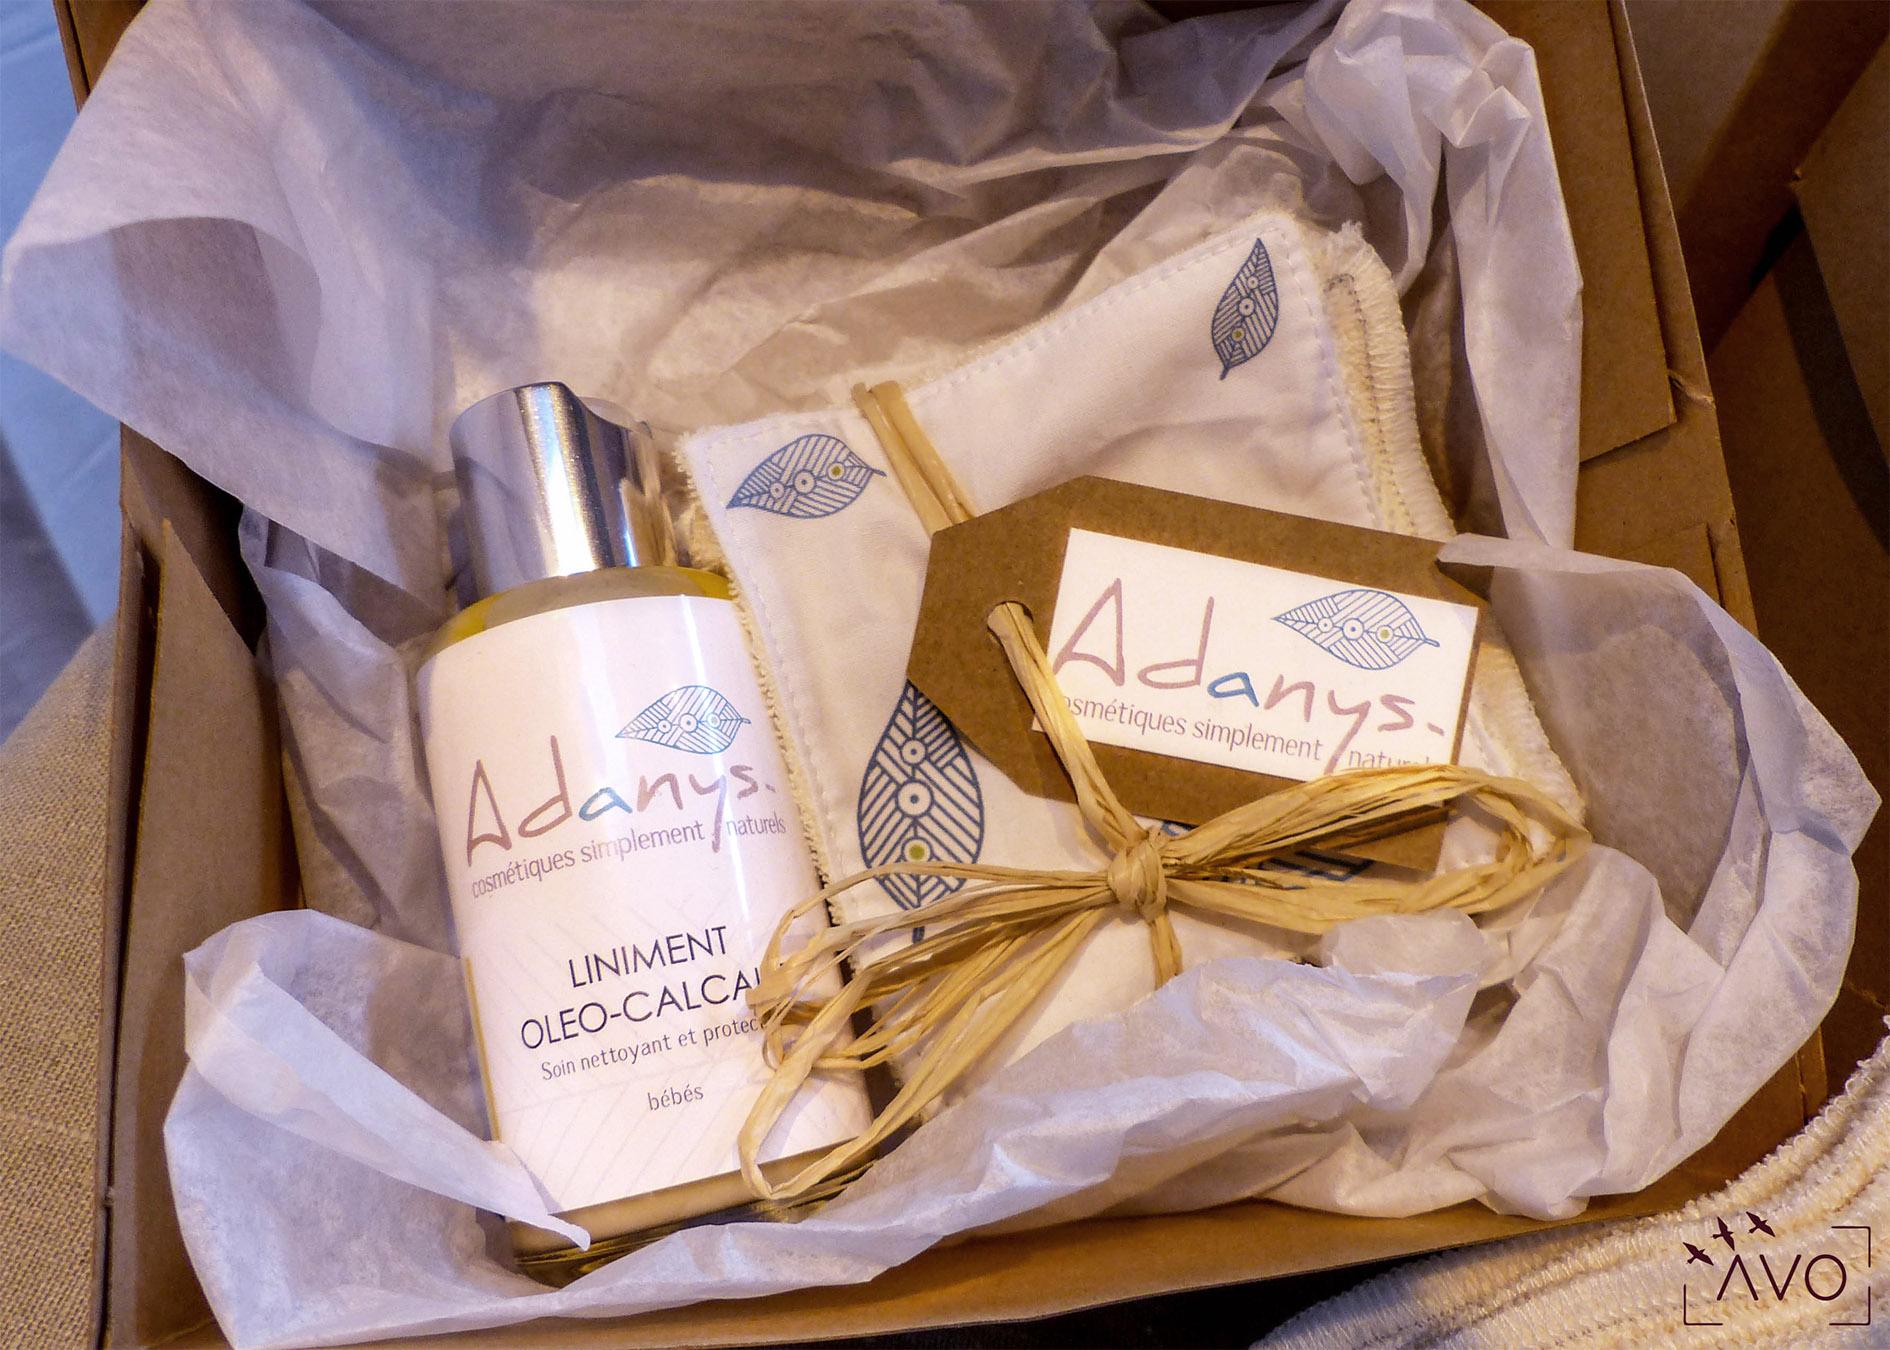 adanys cosmétiques liniment bain lingette huiles essentielles soin ingrédients biologiques auvergne bio crème huile coffret